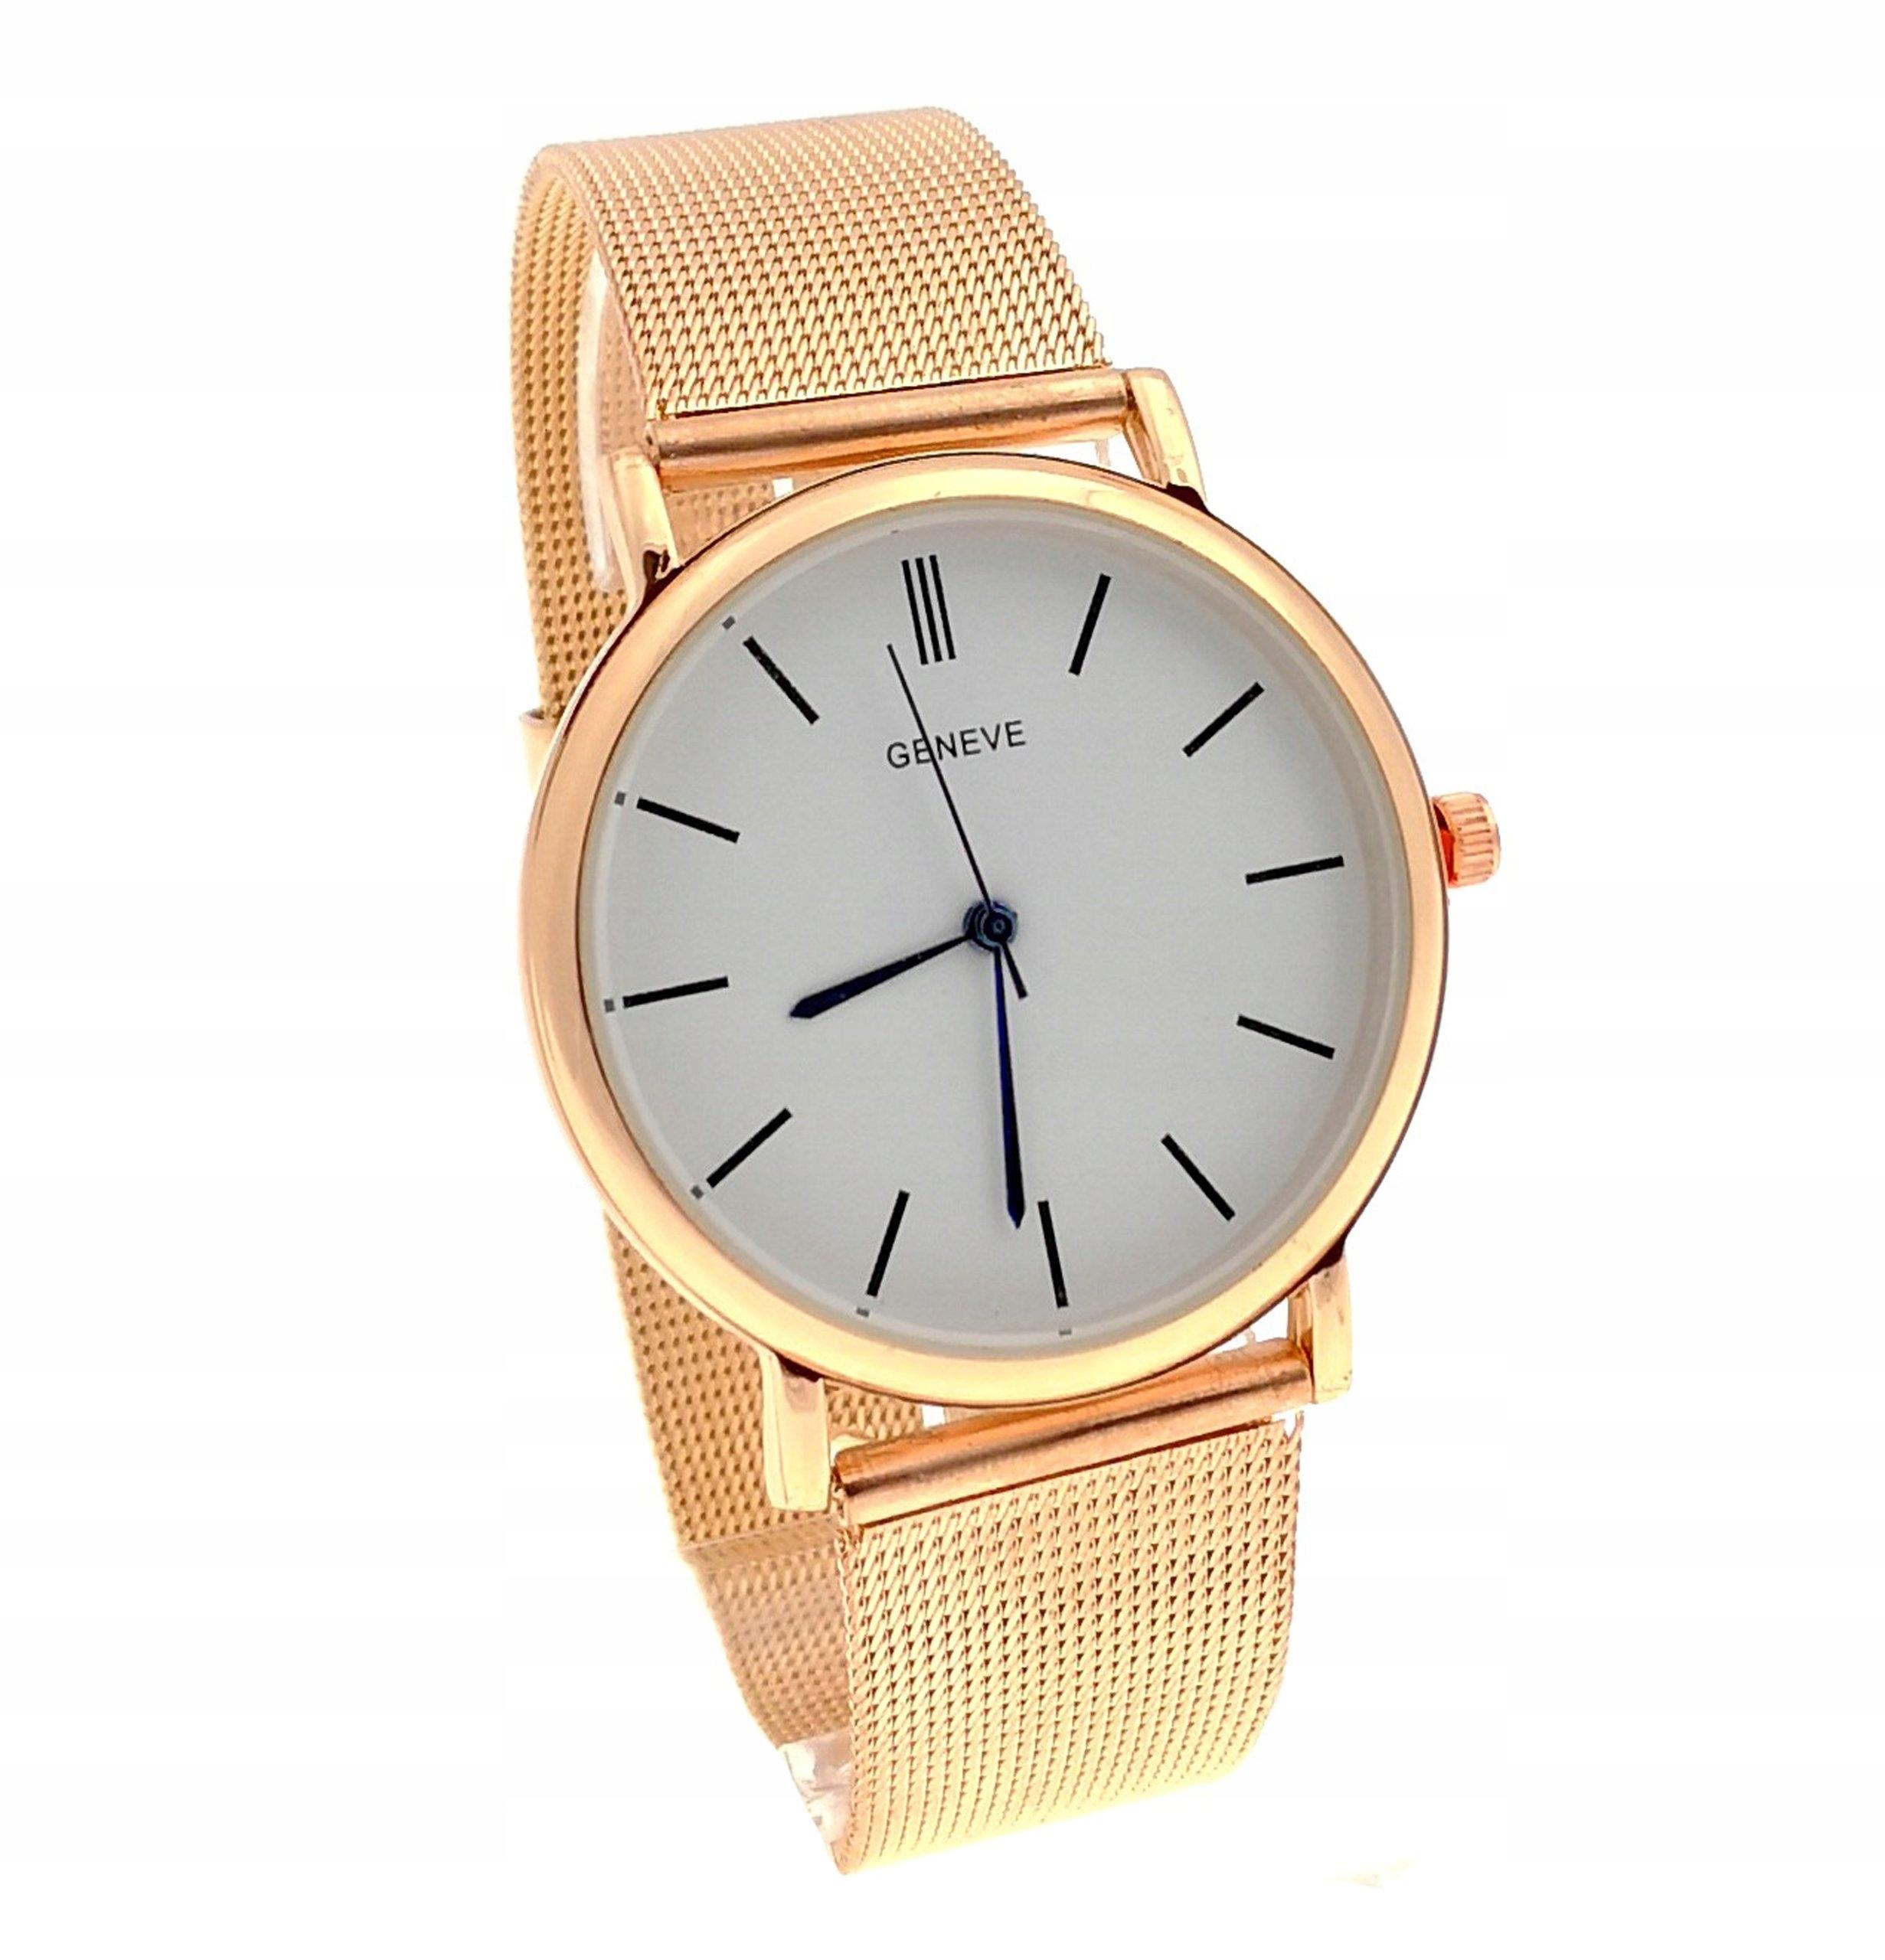 06096f631eb ZEG101-1 Zegarek classic kolor różowe złoto - 7173087219 - oficjalne  archiwum allegro